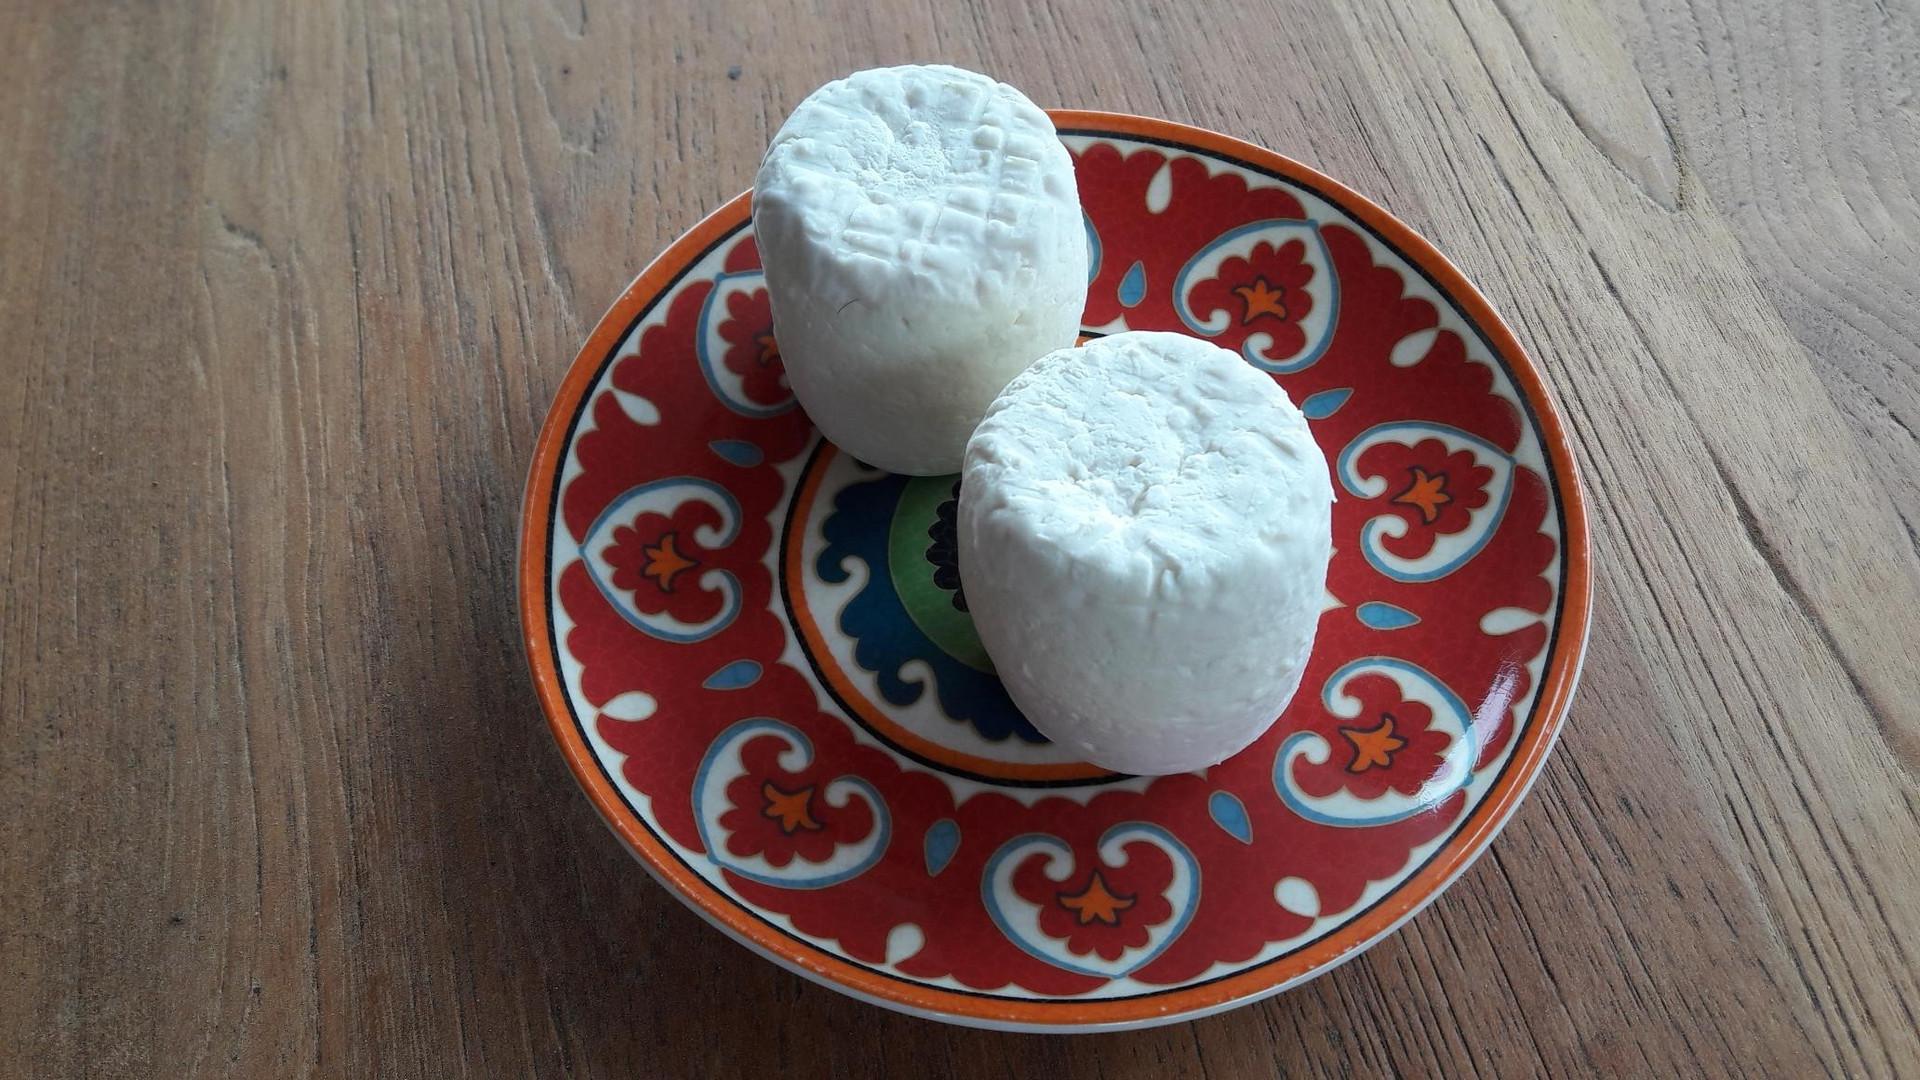 Notre fromage de chèvre, produits biol, Crète